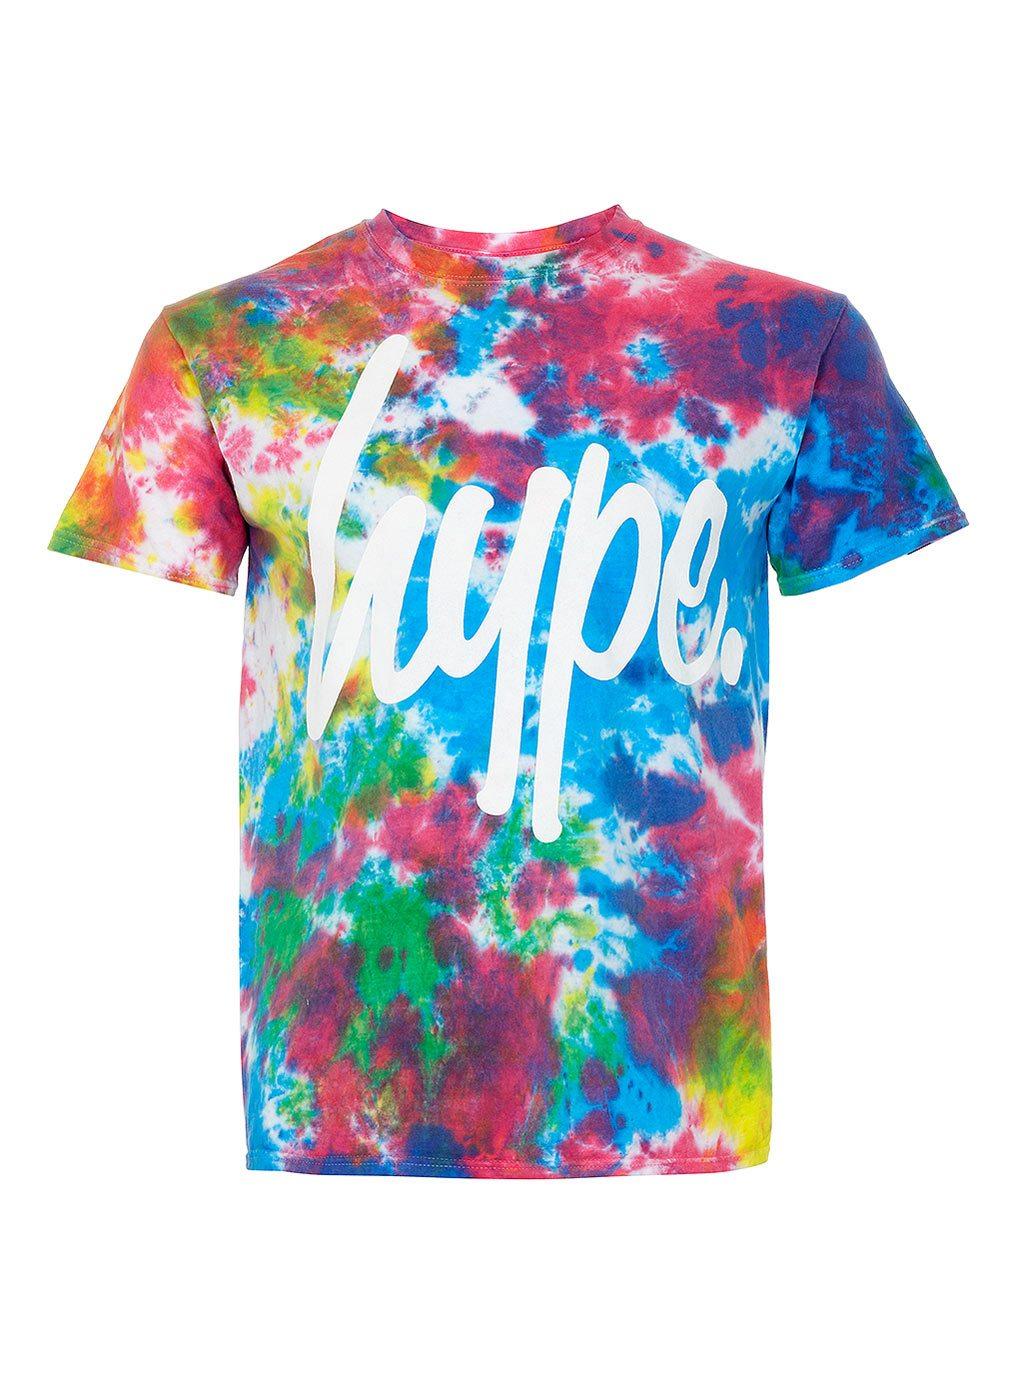 Hype-Topman-Tie-Dye-T-shirt-multi-colour